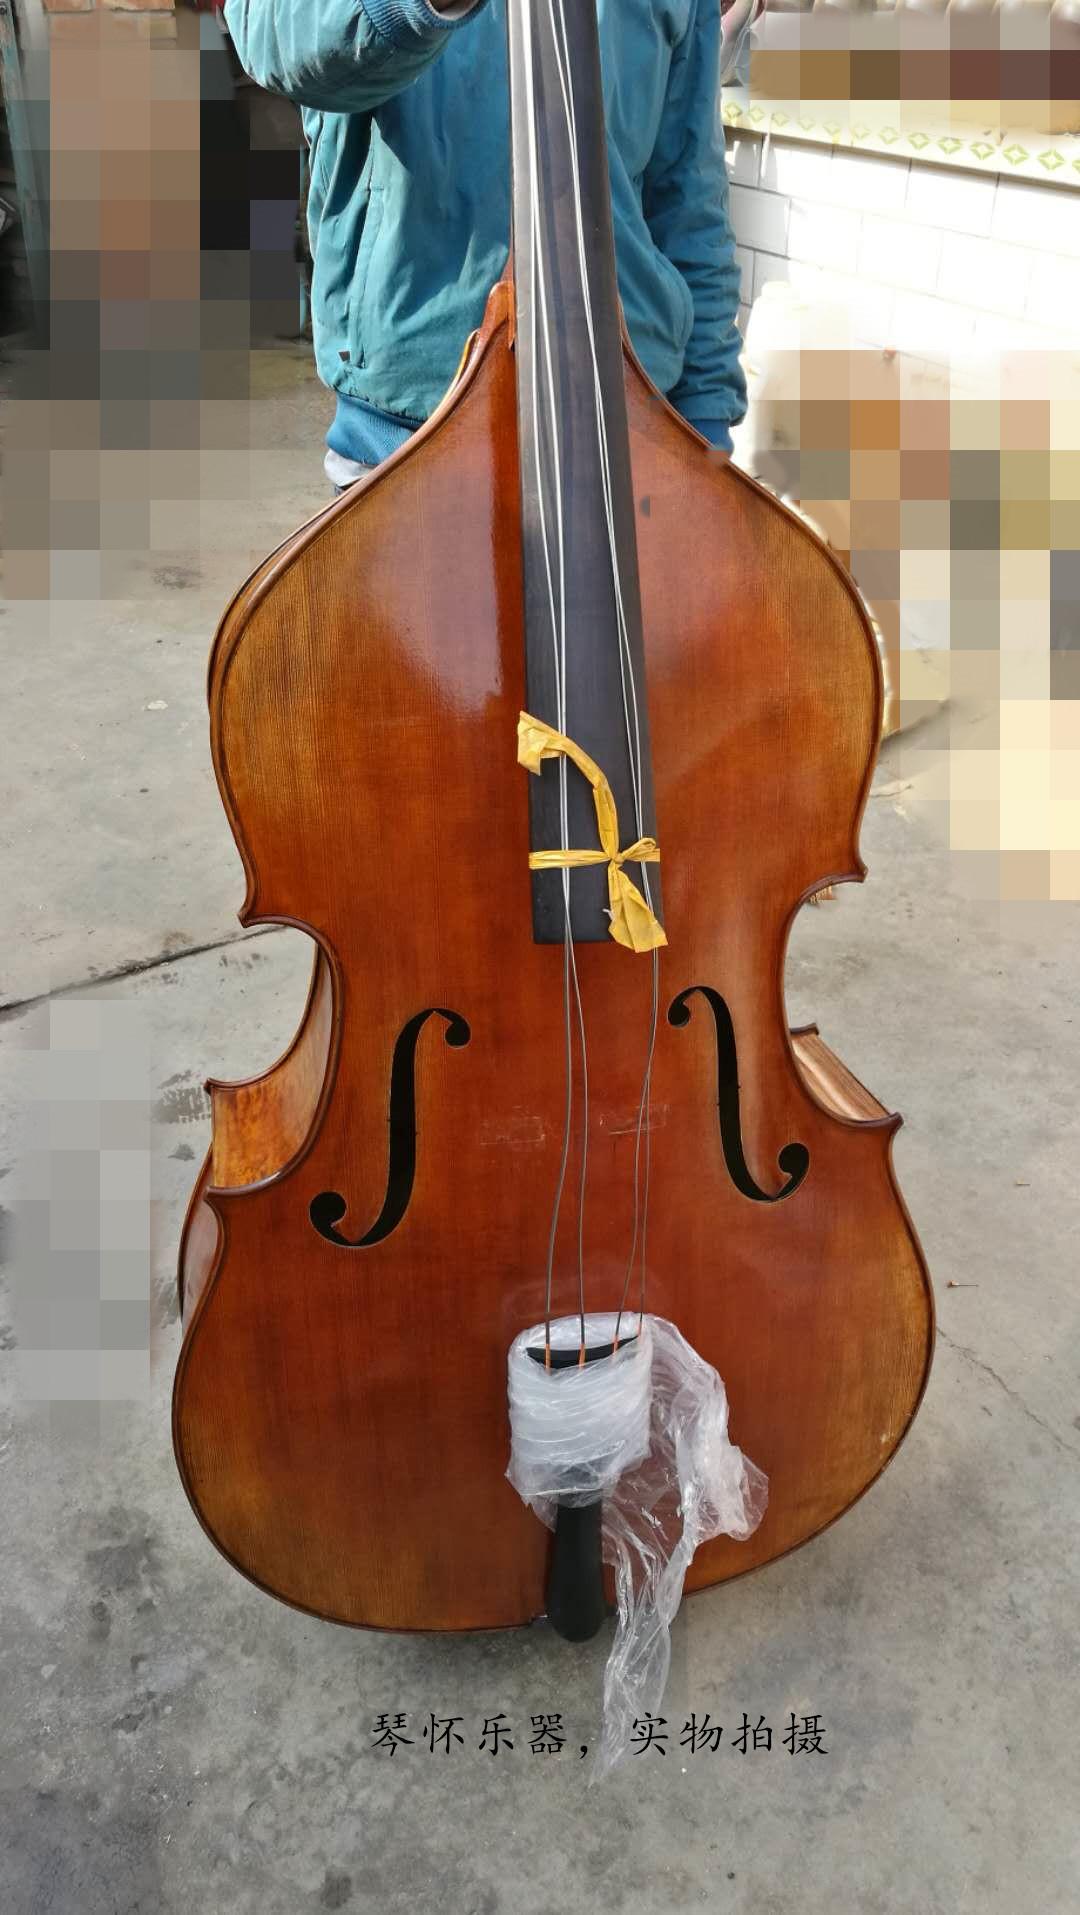 Гусли грудь музыкальные инструменты бас скрипка время большой скрипка ель клен все стороны дерево бас студент уровень начинающий продвинутый